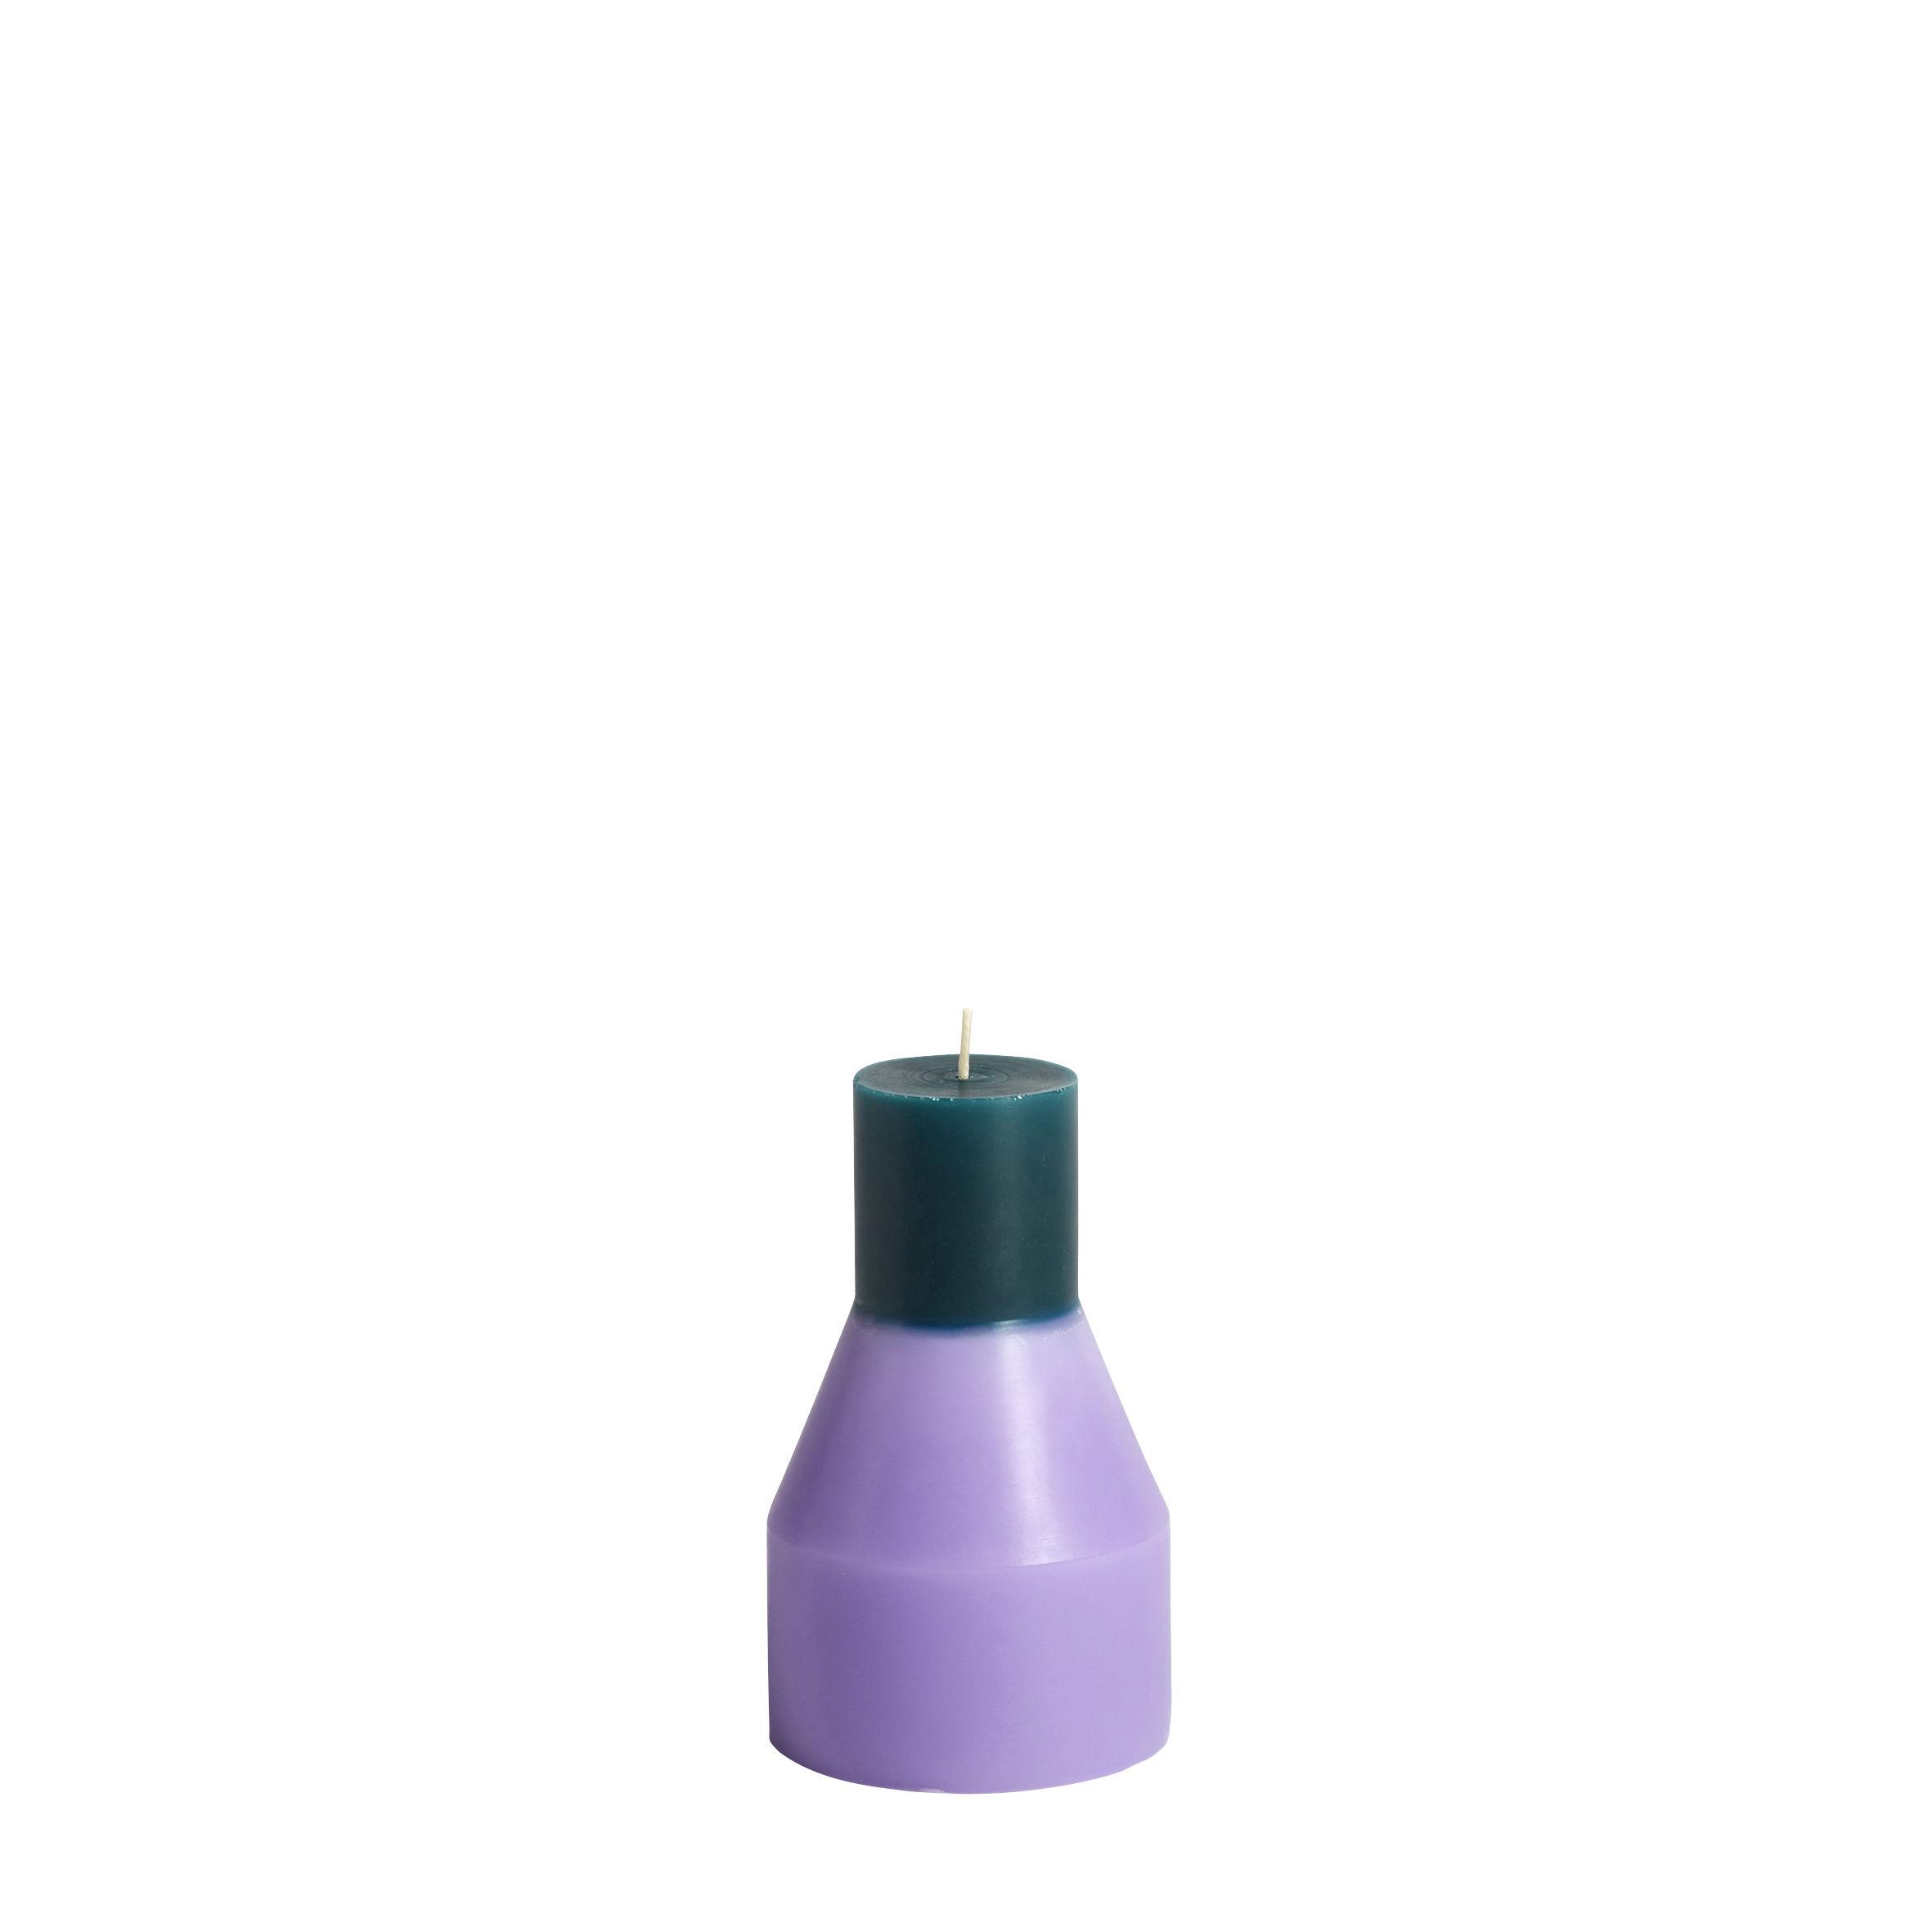 Déco - Bougeoirs, photophores - Bougie Pillar Small / Ø 9 x H 15 cm - Hay - Lavande, Vert foncé - Cire